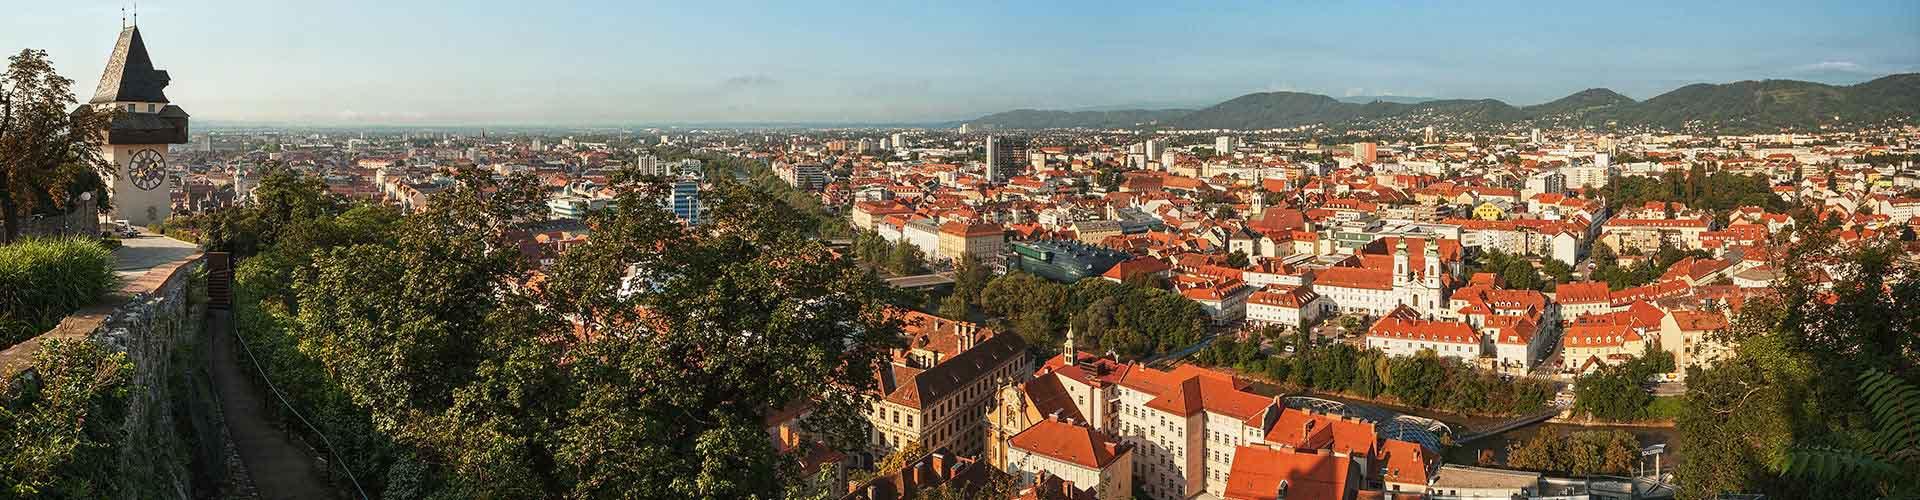 Graz - Hostales en Graz. Mapas de Graz, Fotos y comentarios de cada Hostal en Graz.